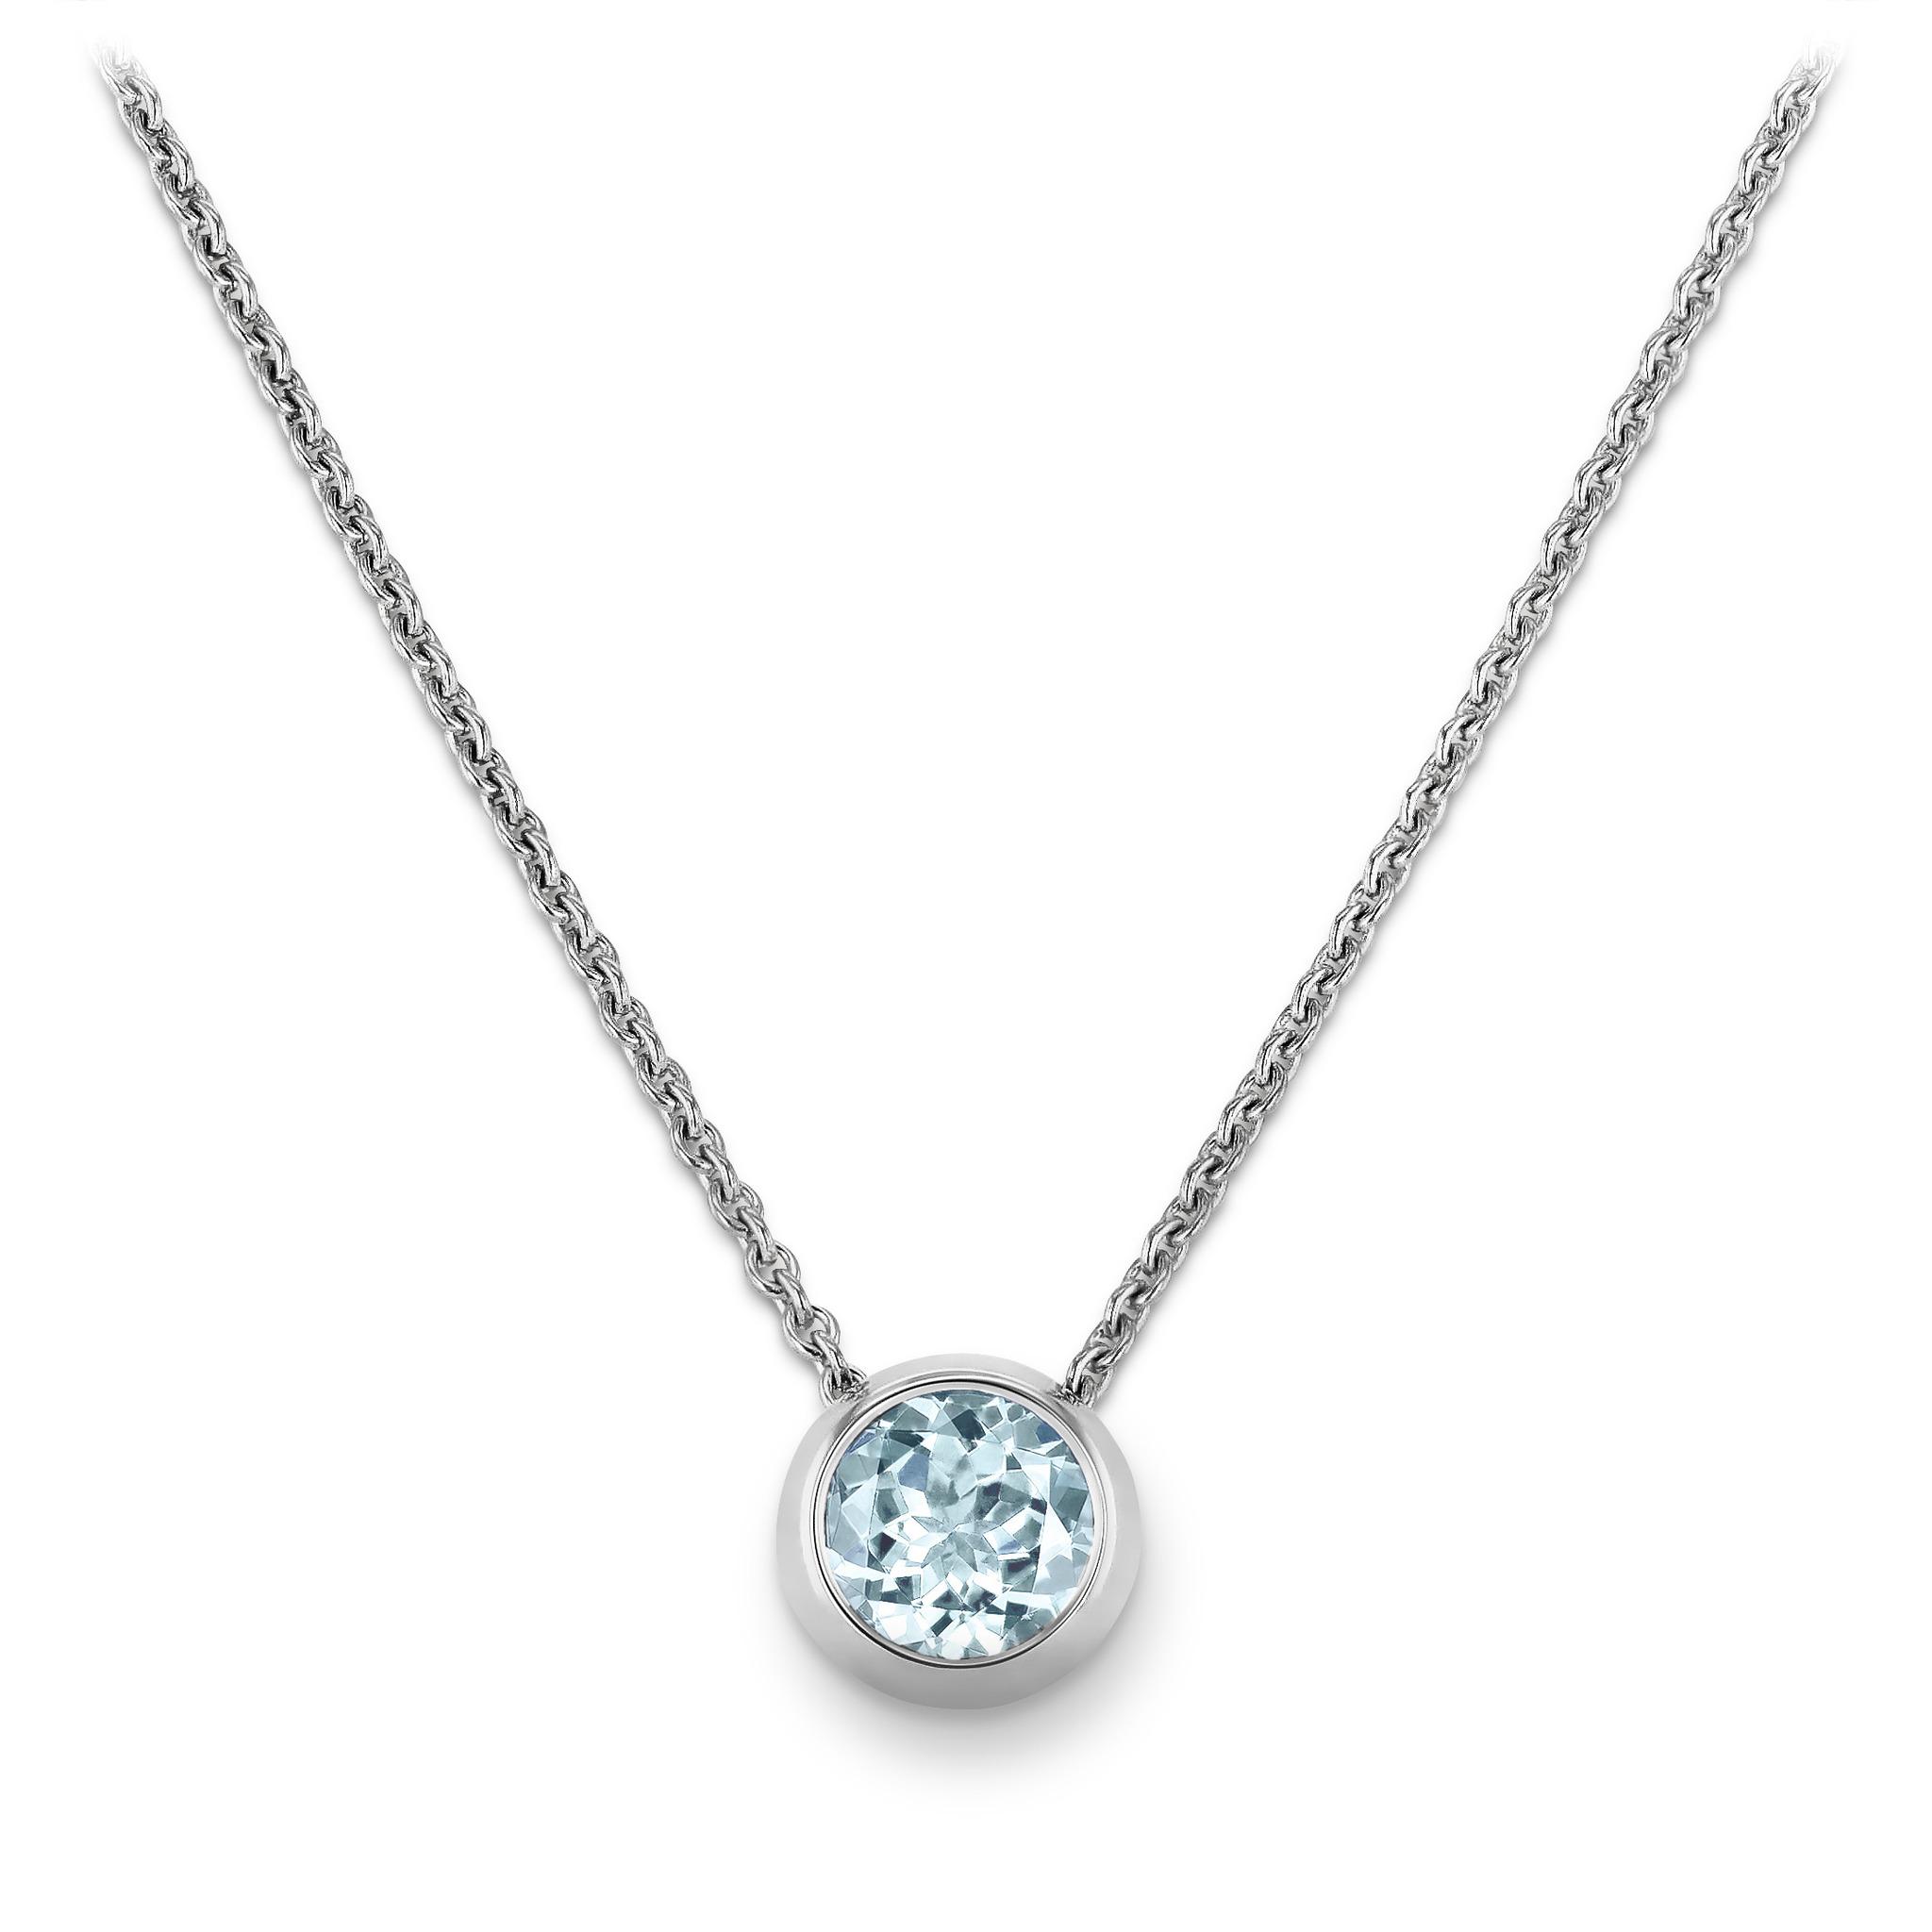 海蓝宝石项链